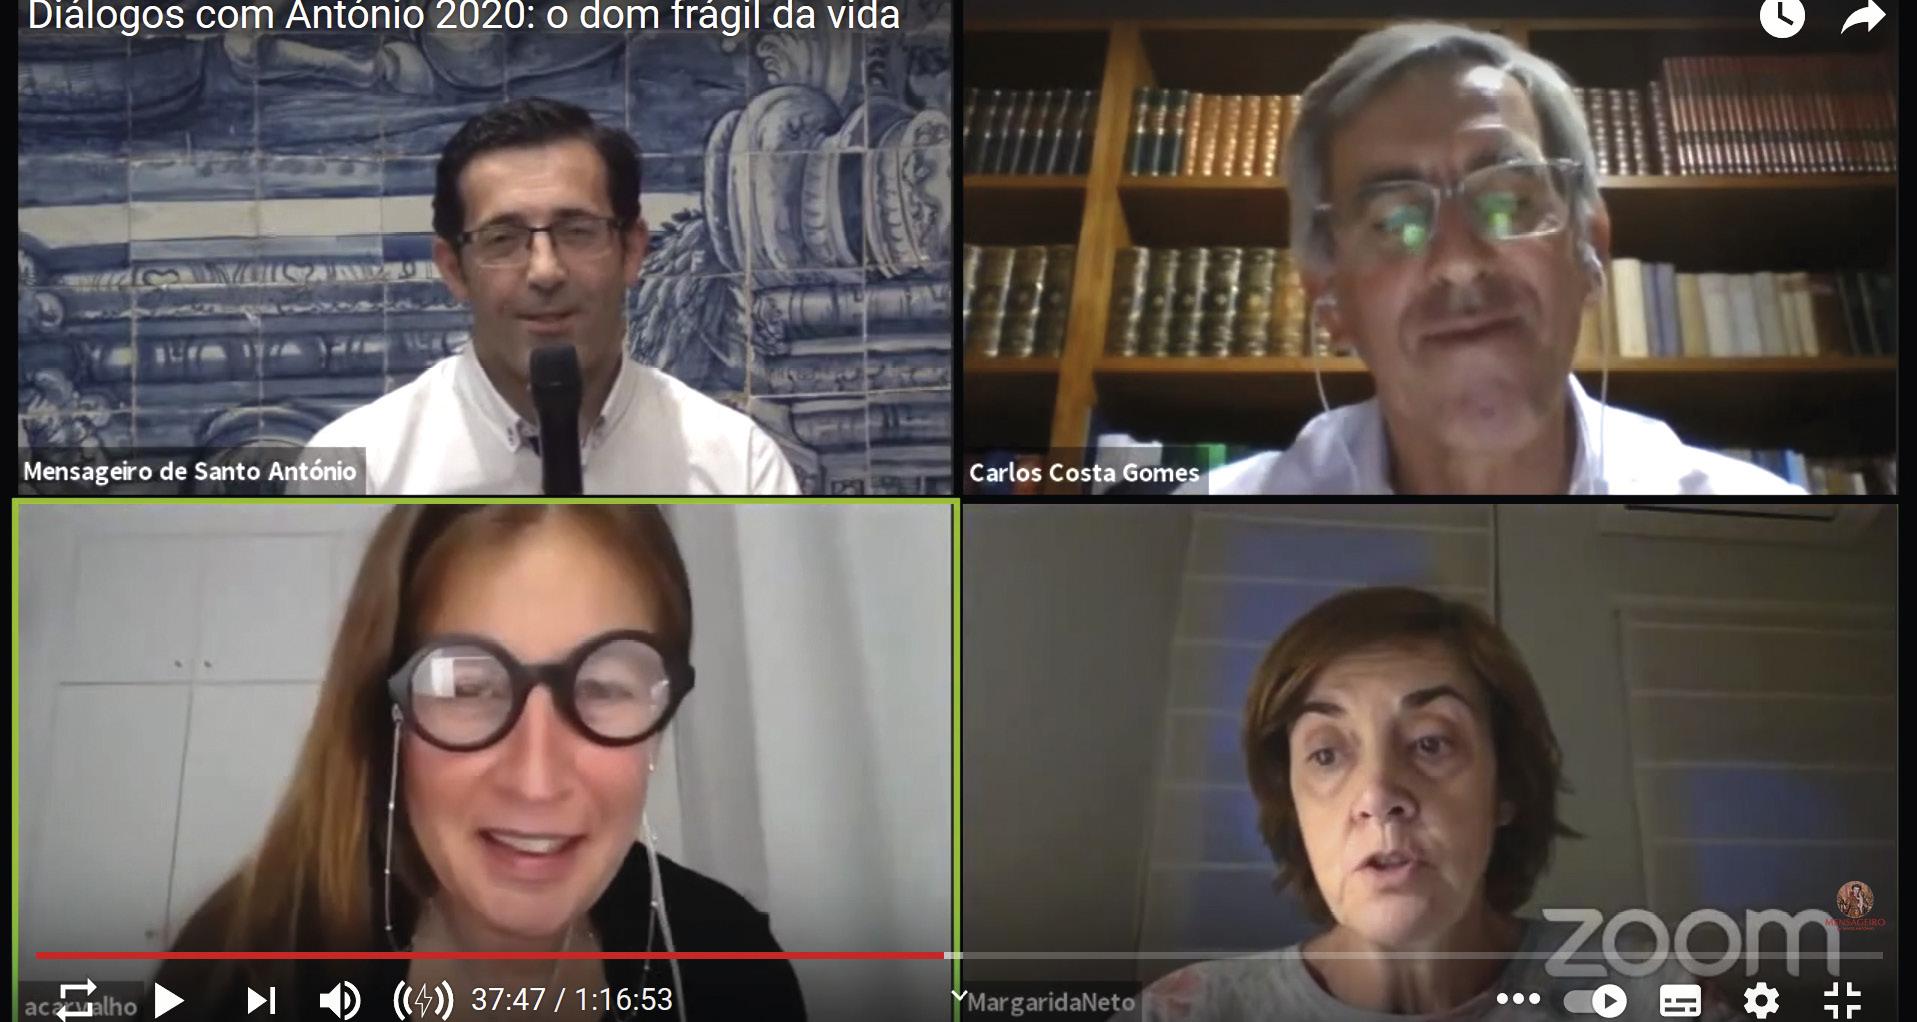 Diálogos com António 2020: o dom frágil da vida